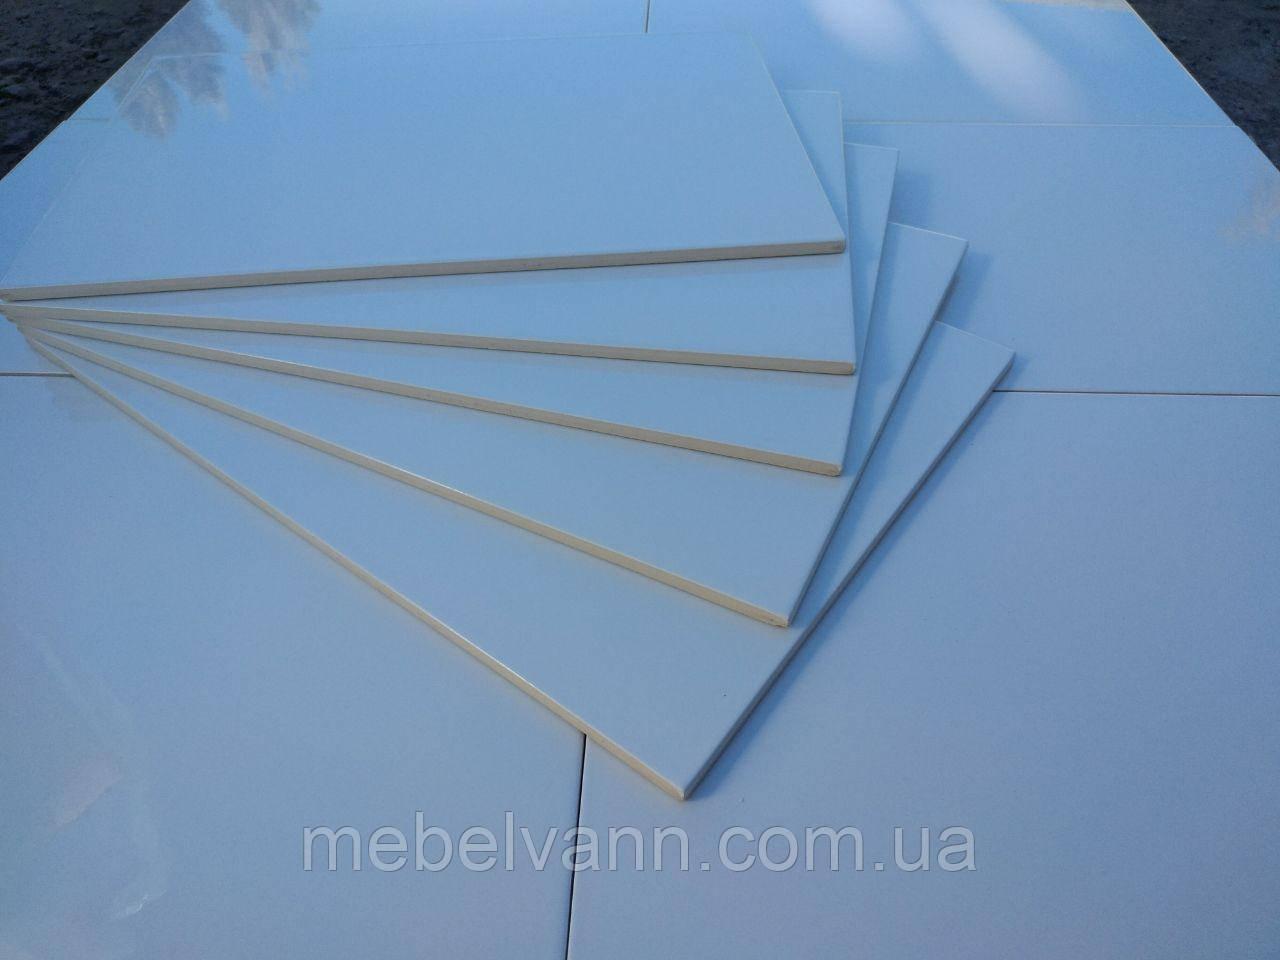 Кафель для стен МОНО Mono 275-400 Плитка керамическая